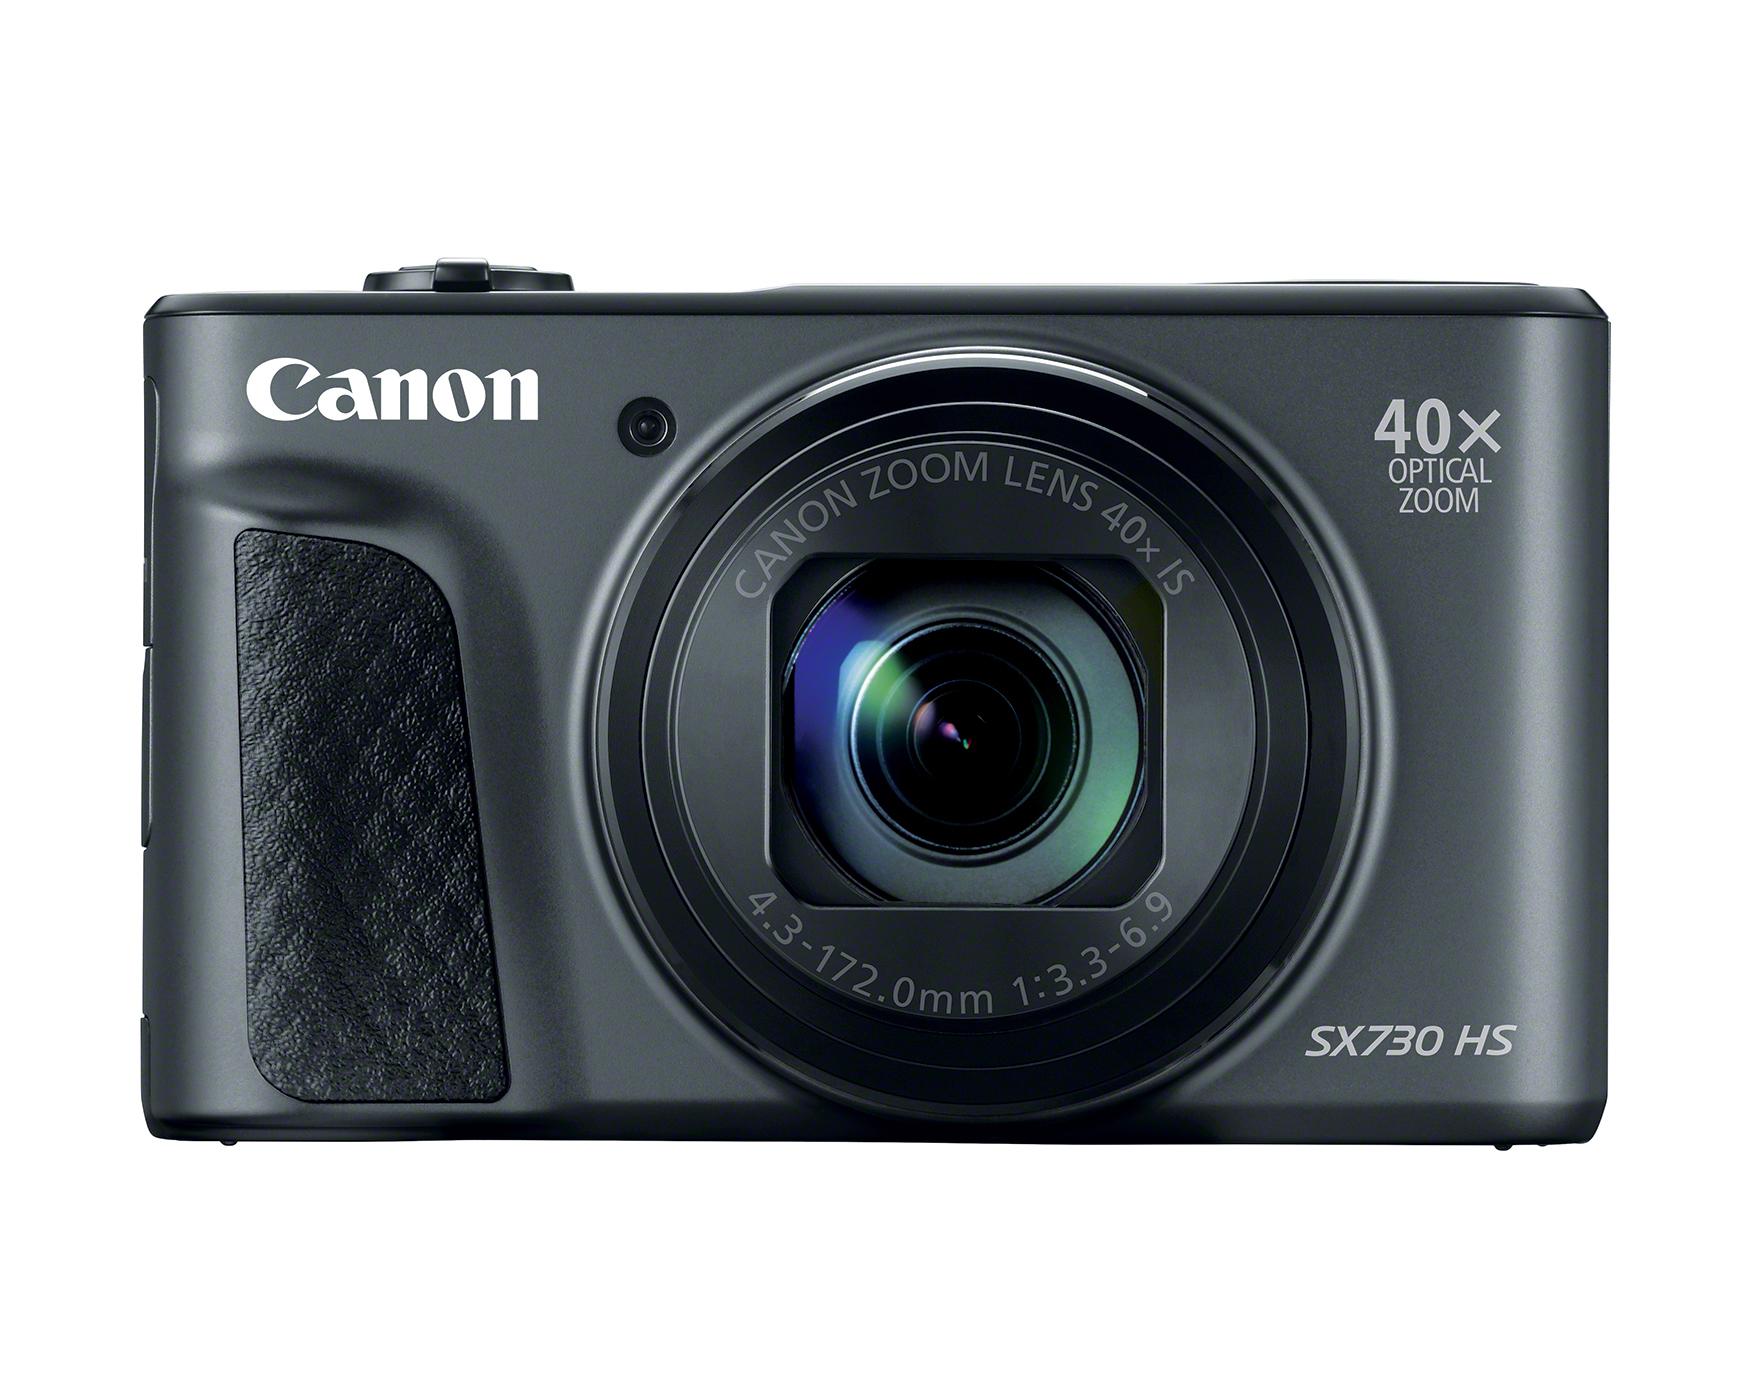 canon pr sente le sx730 hs un compact de poche pour amateurs de selfies. Black Bedroom Furniture Sets. Home Design Ideas